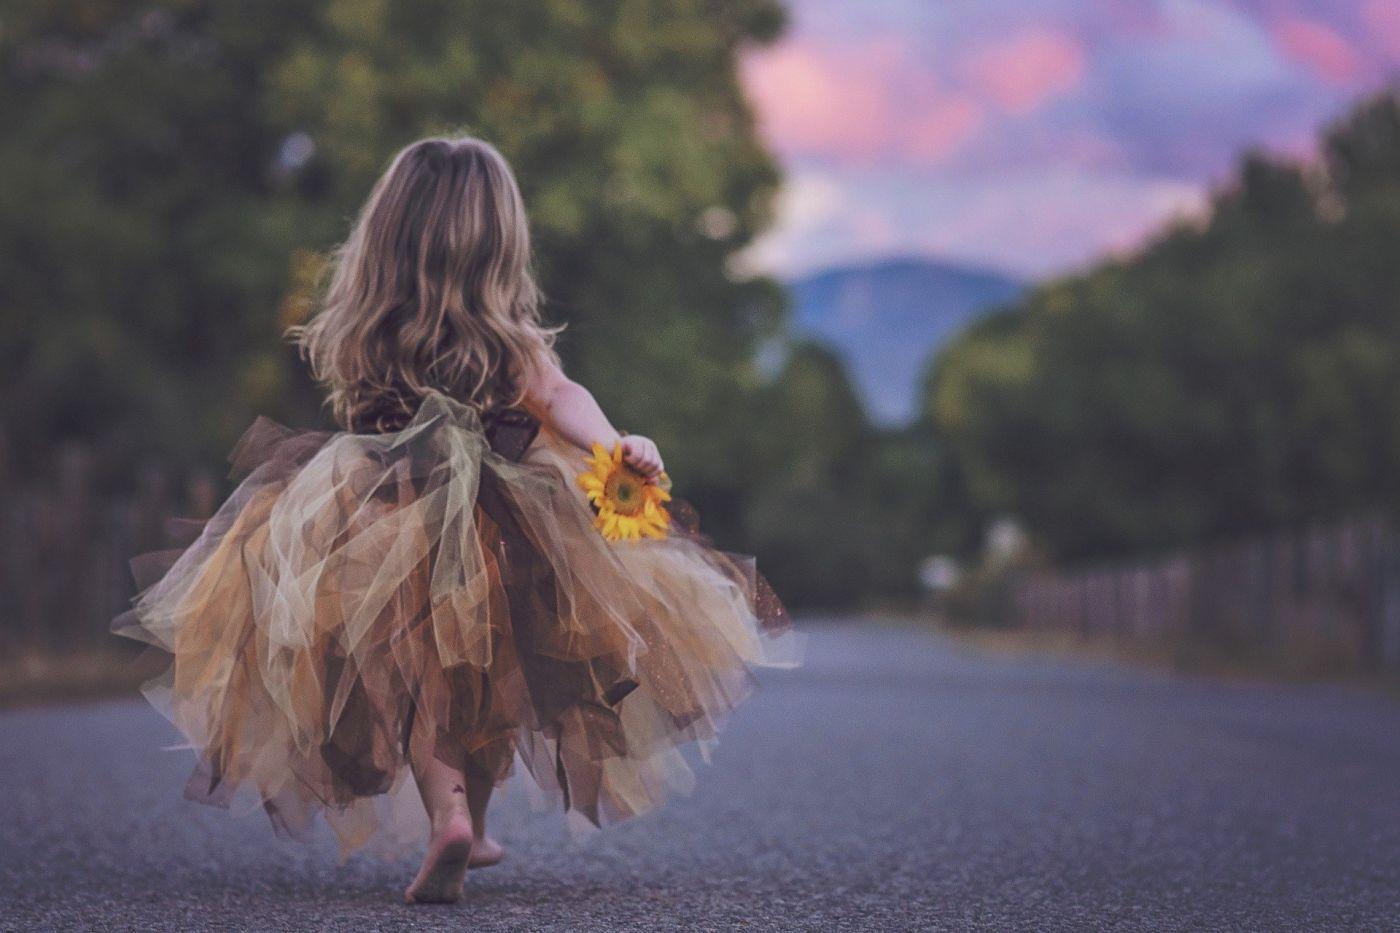 le départ d'une enfant qui part en voyage vers l'inconnu